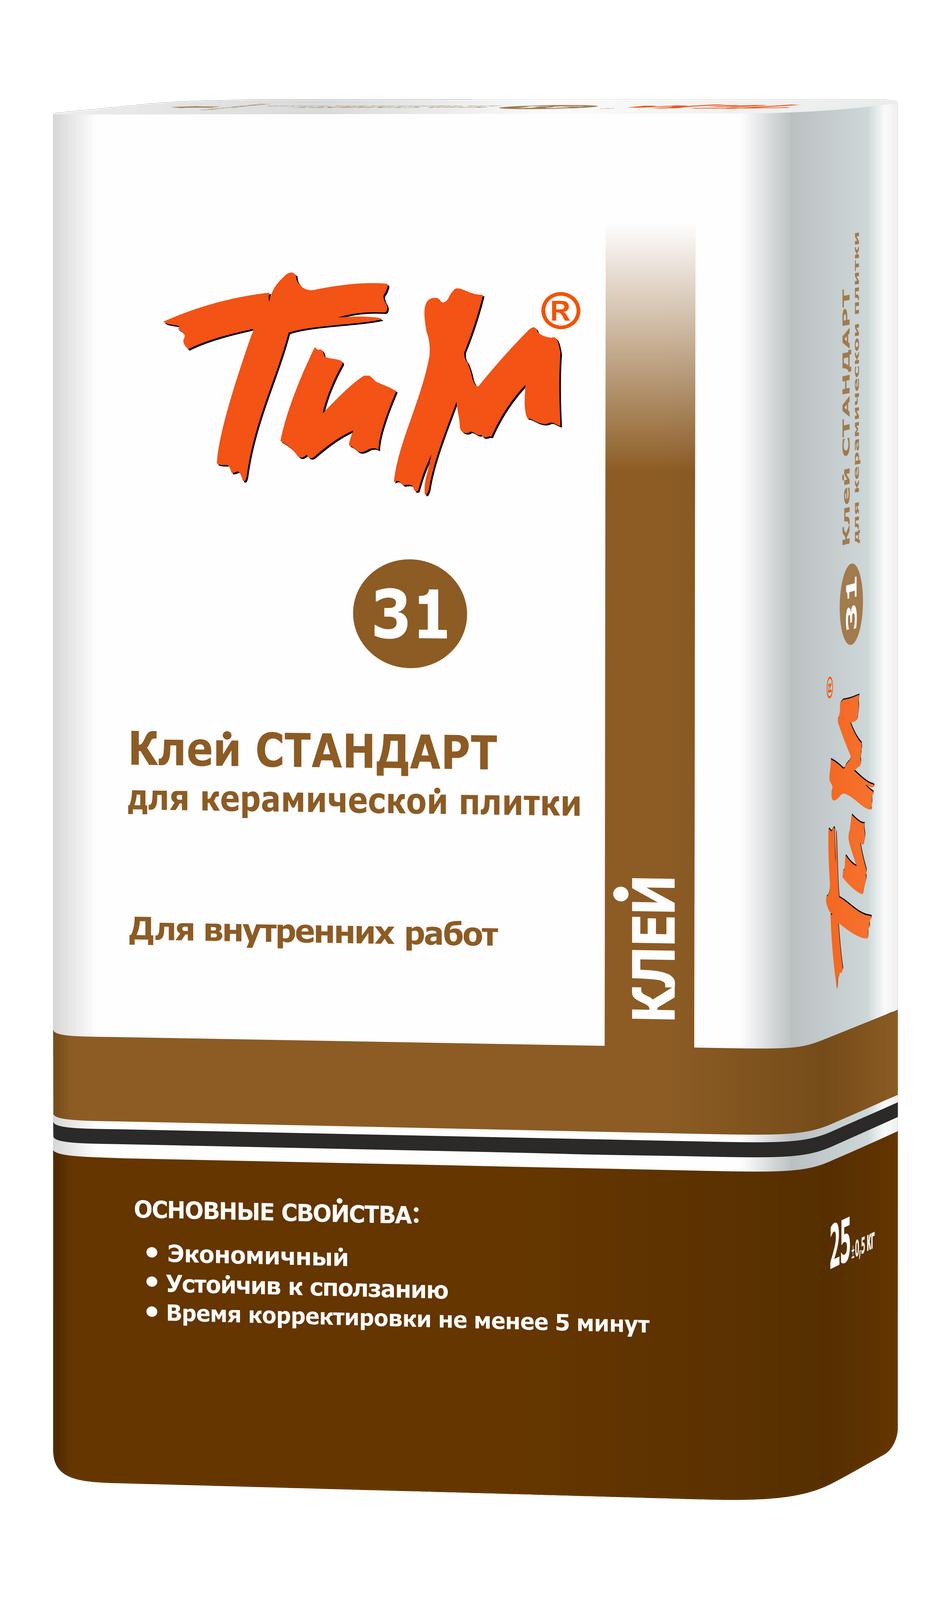 Клей СТАНДАРТ для керамической плитки ТиМ №31